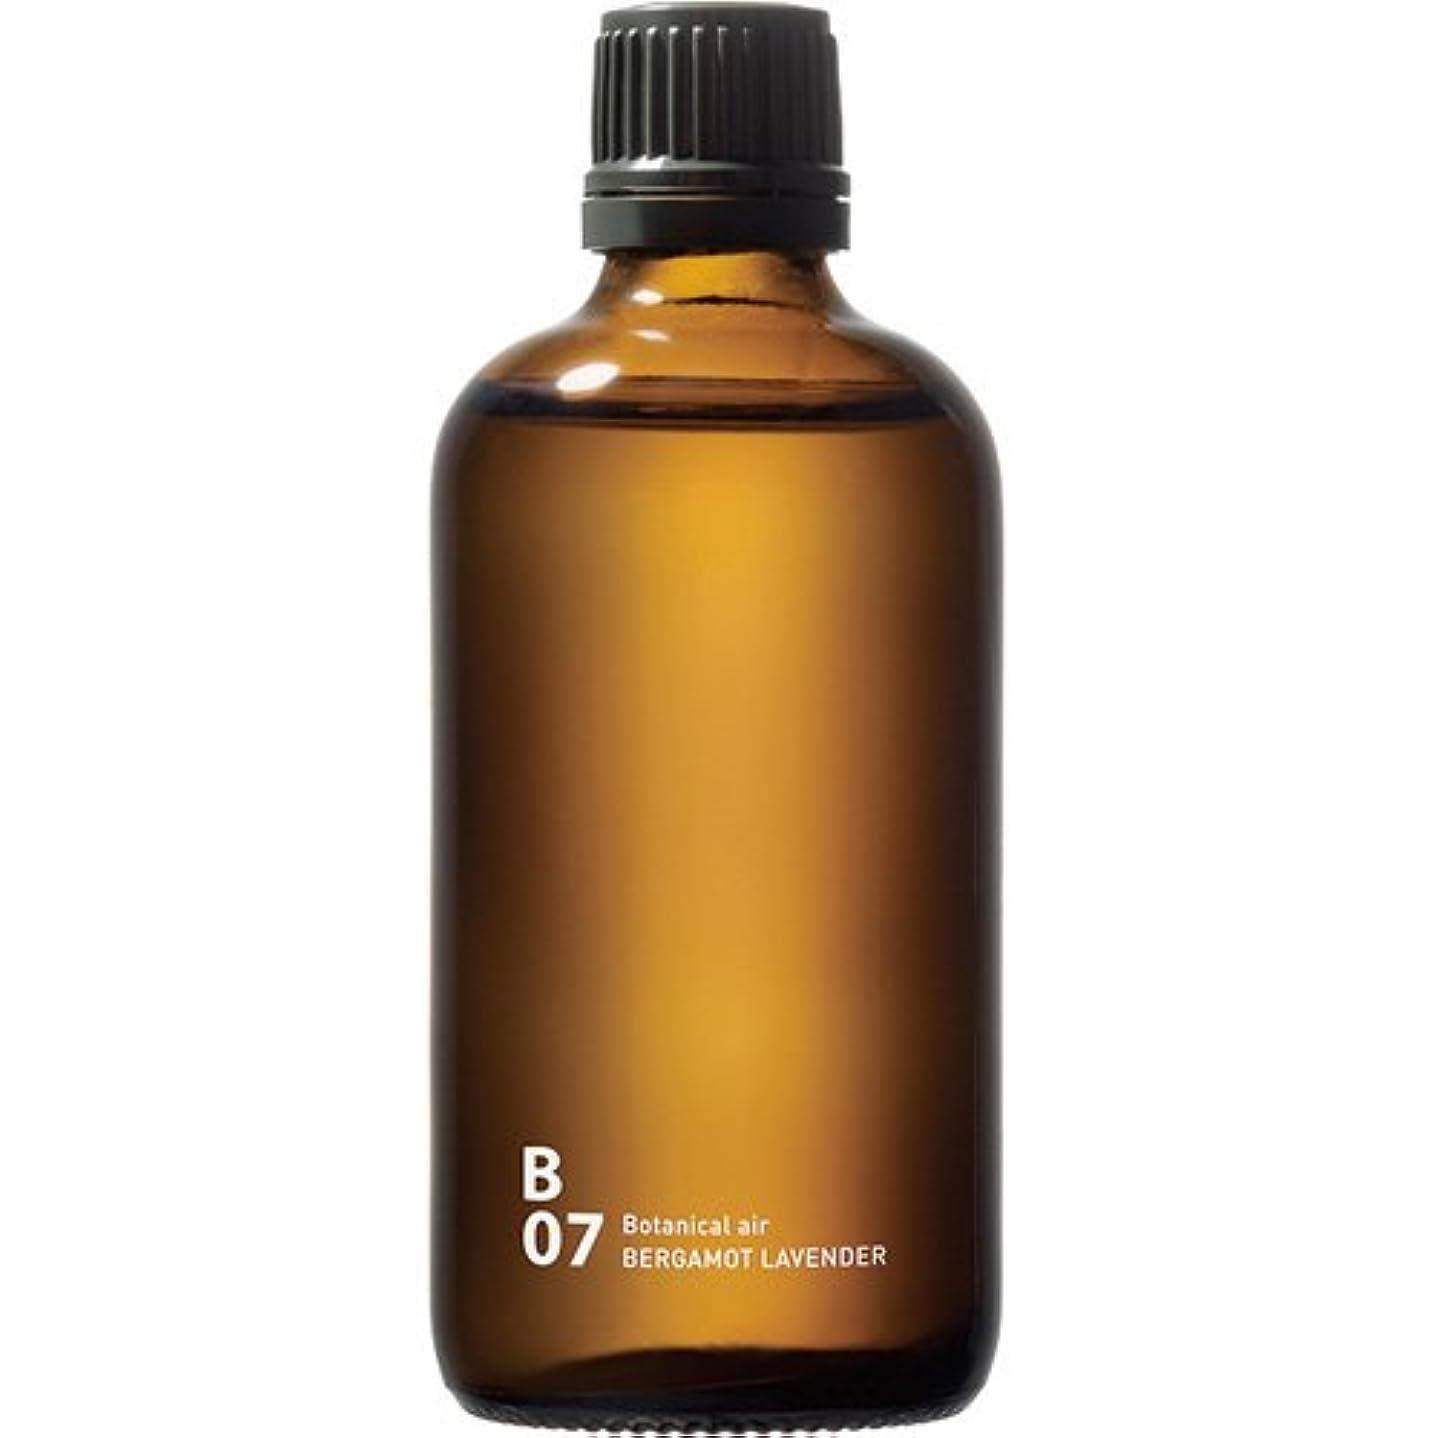 ゾーン会計士亡命B07 BERGAMOT LAVENDER piezo aroma oil 100ml